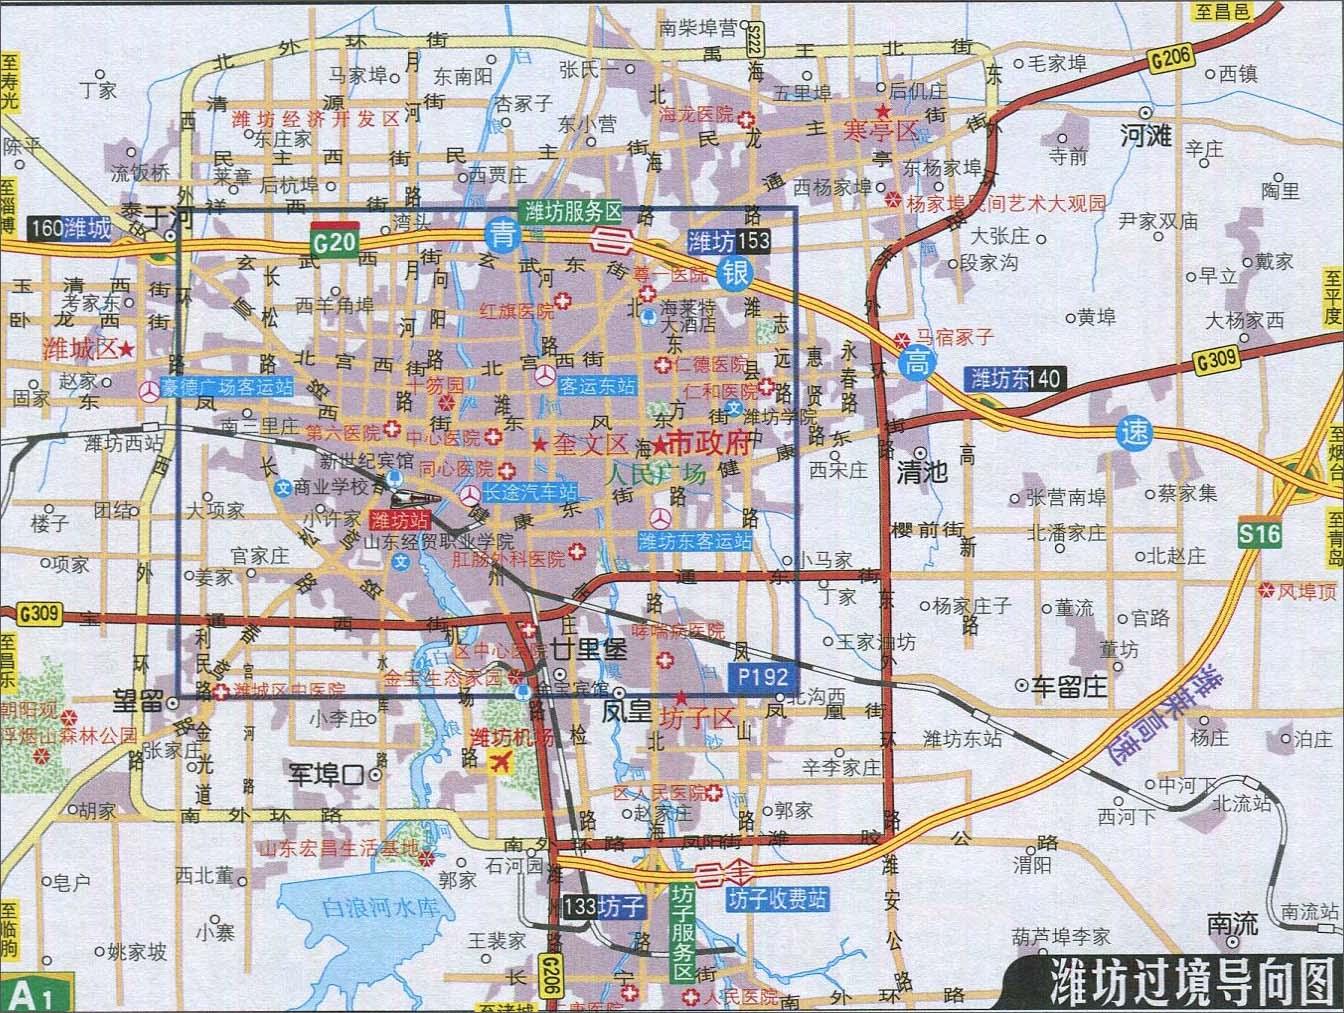 临沂地图交通图_潍坊过境导向图_山东旅游地图库_地图窝